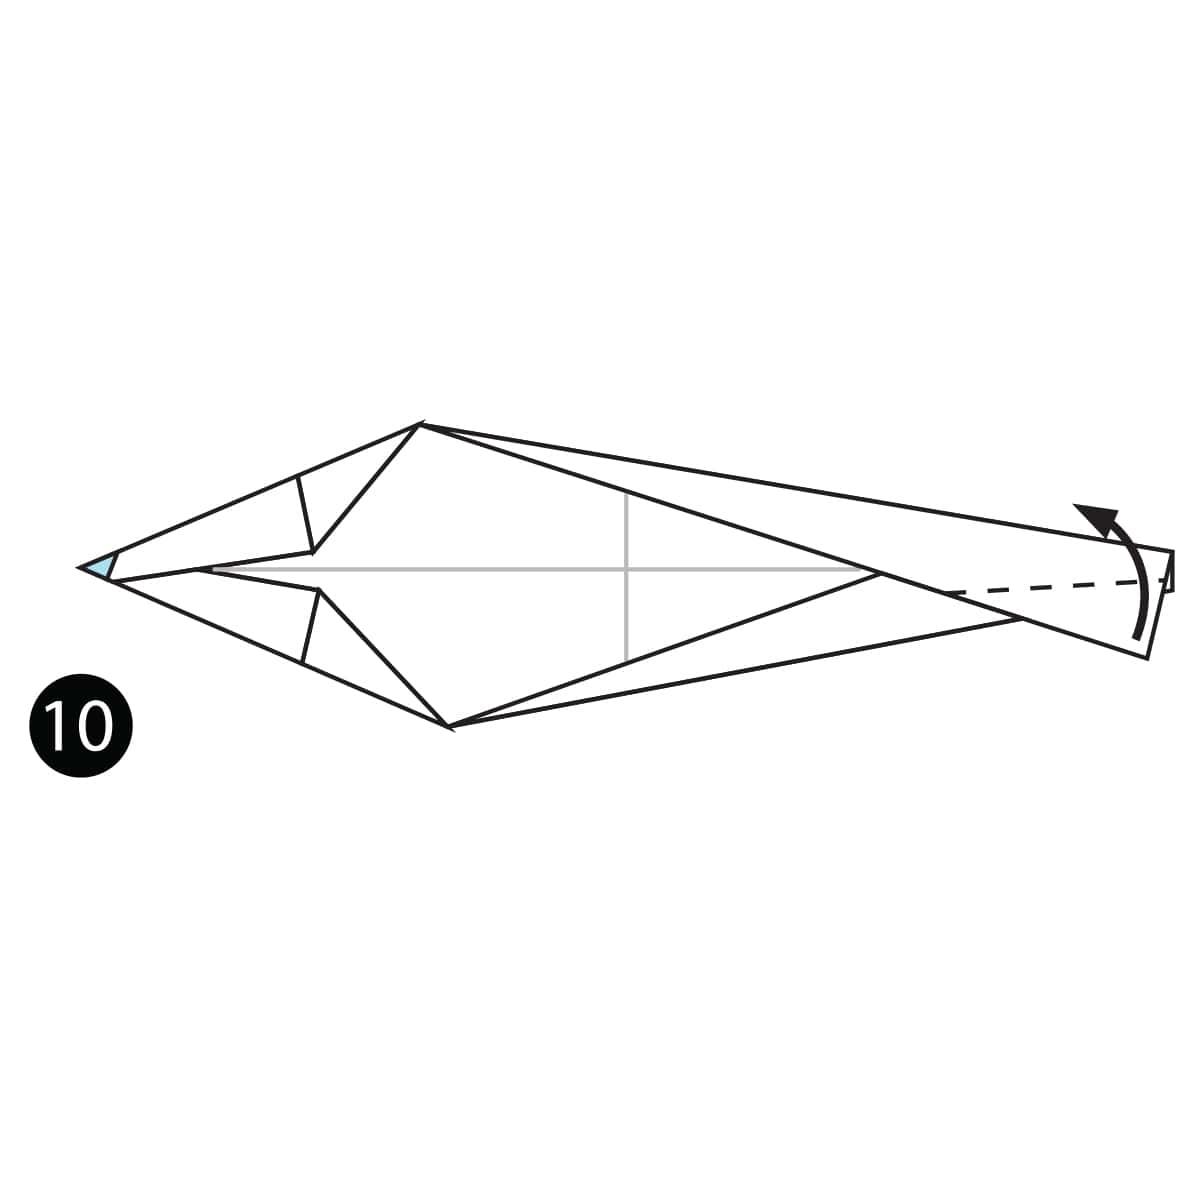 Sardine Step 10